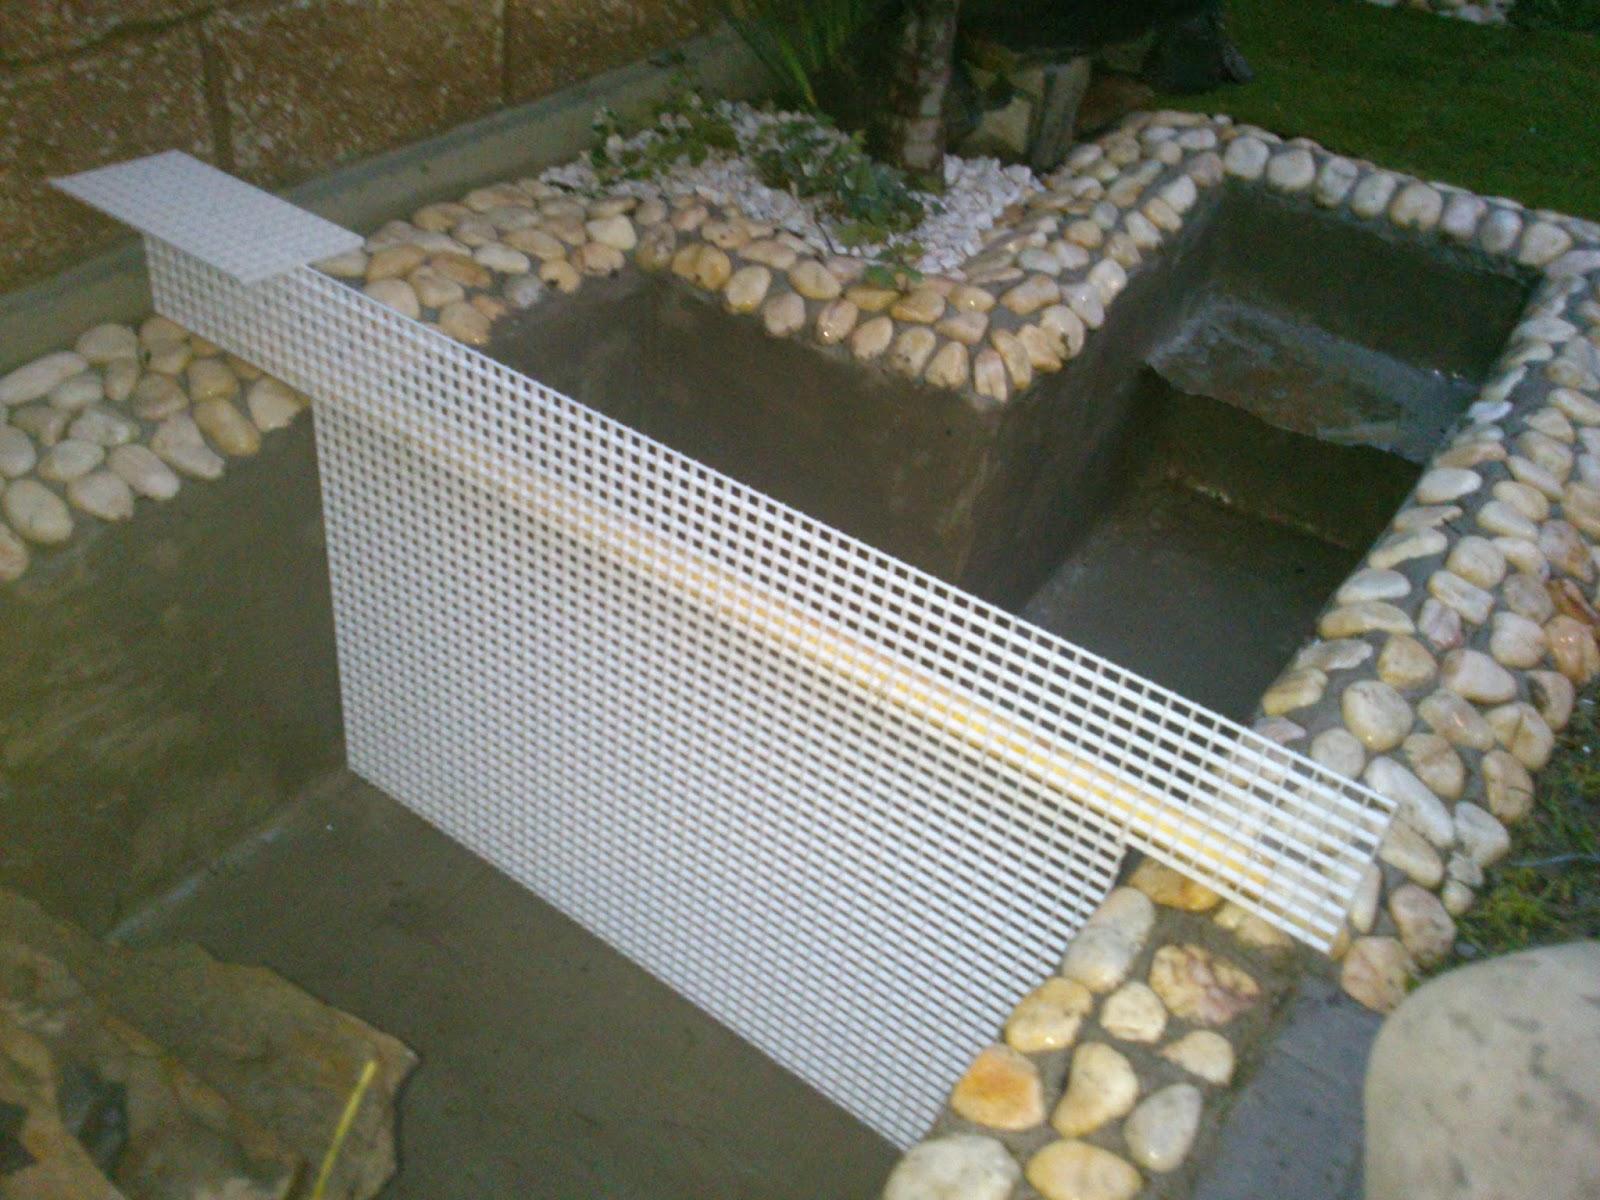 El estanque de mis tortugas - Como construir un estanque para tortugas ...